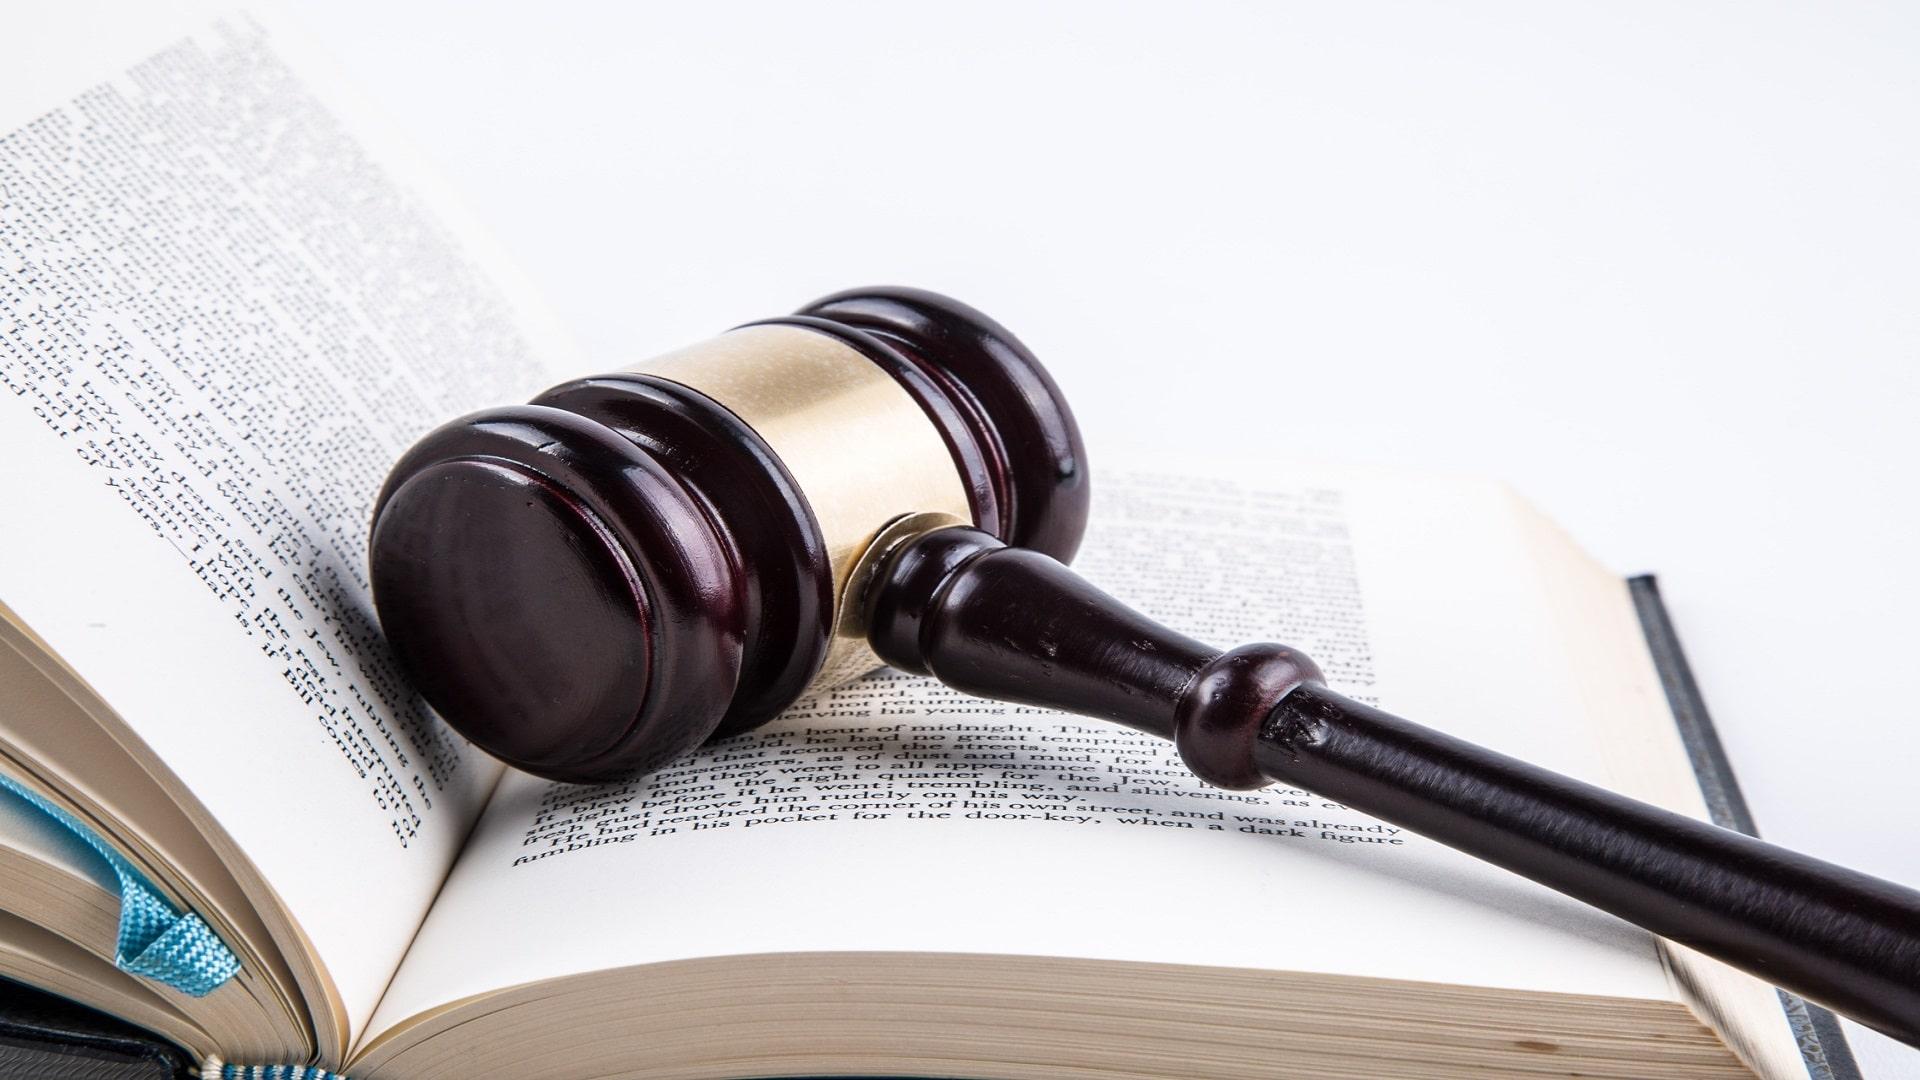 Risarcimento Per Ingiusta Detenzione